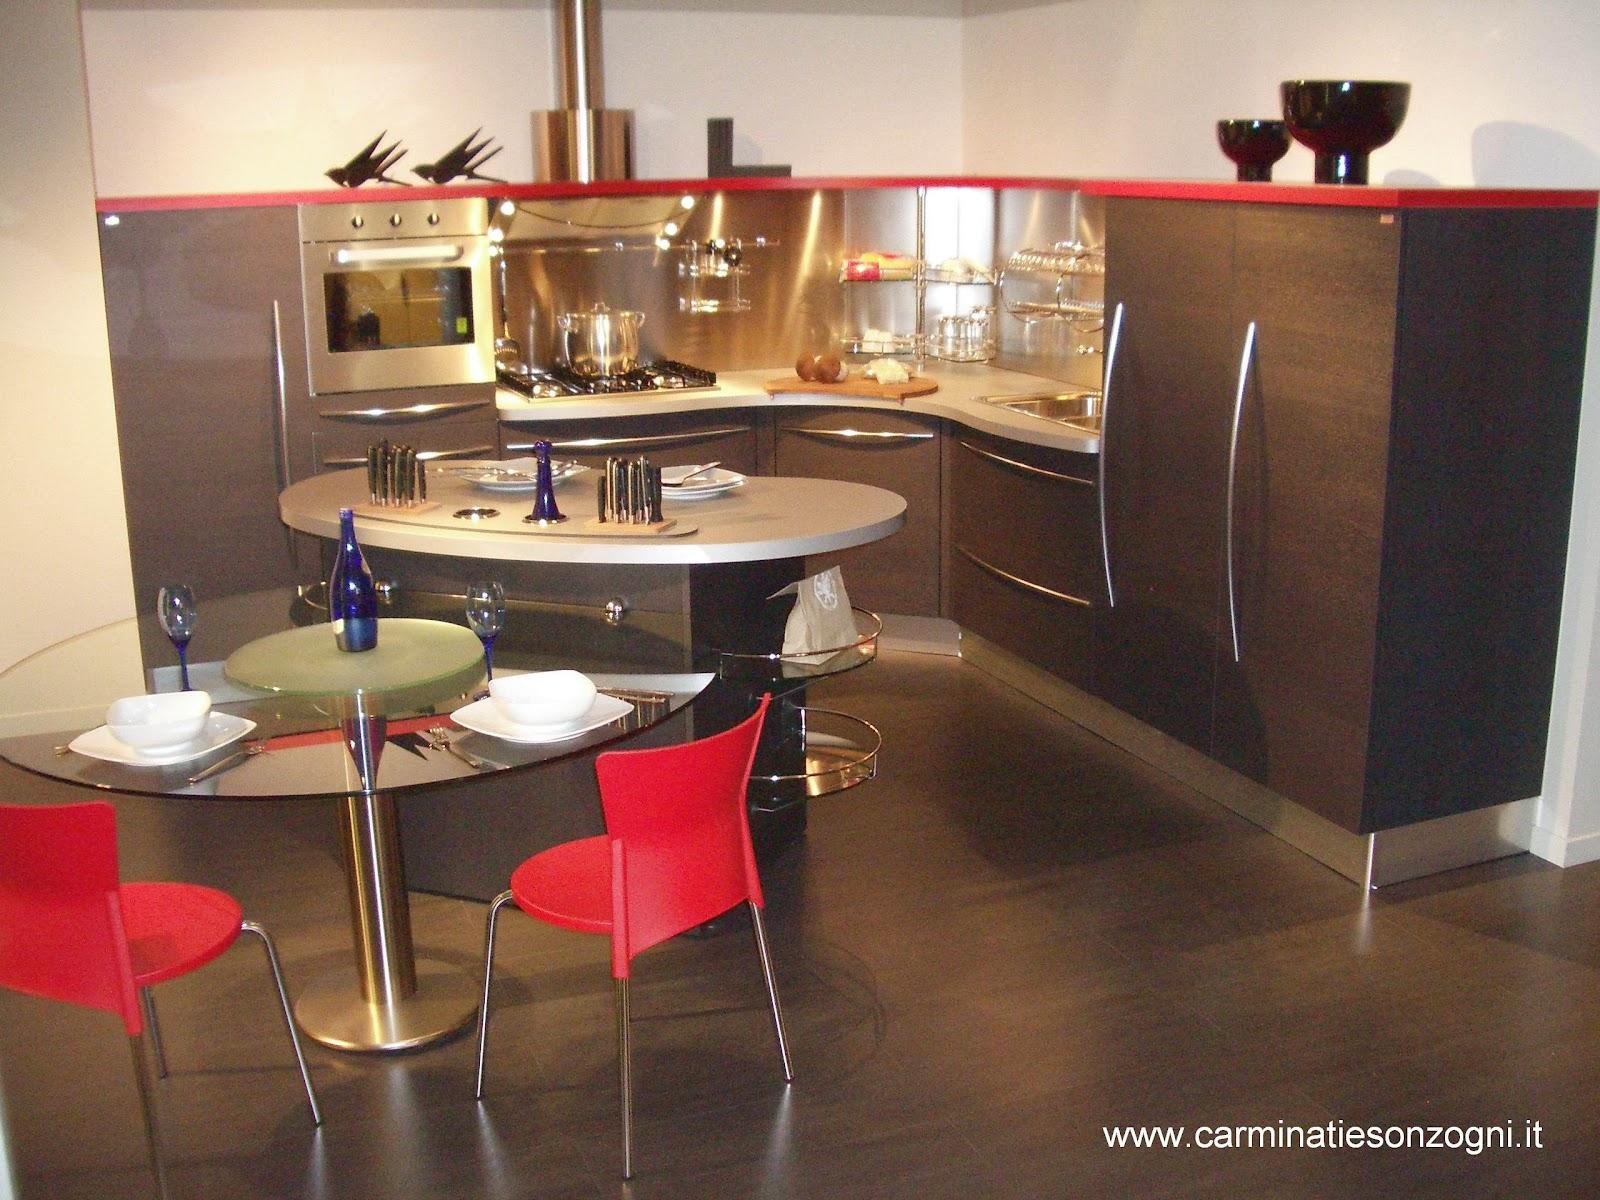 Vendita cucine genova awesome cucina con isola mobilificio cavallero genova with vendita cucine - Cucine snaidero opinioni ...